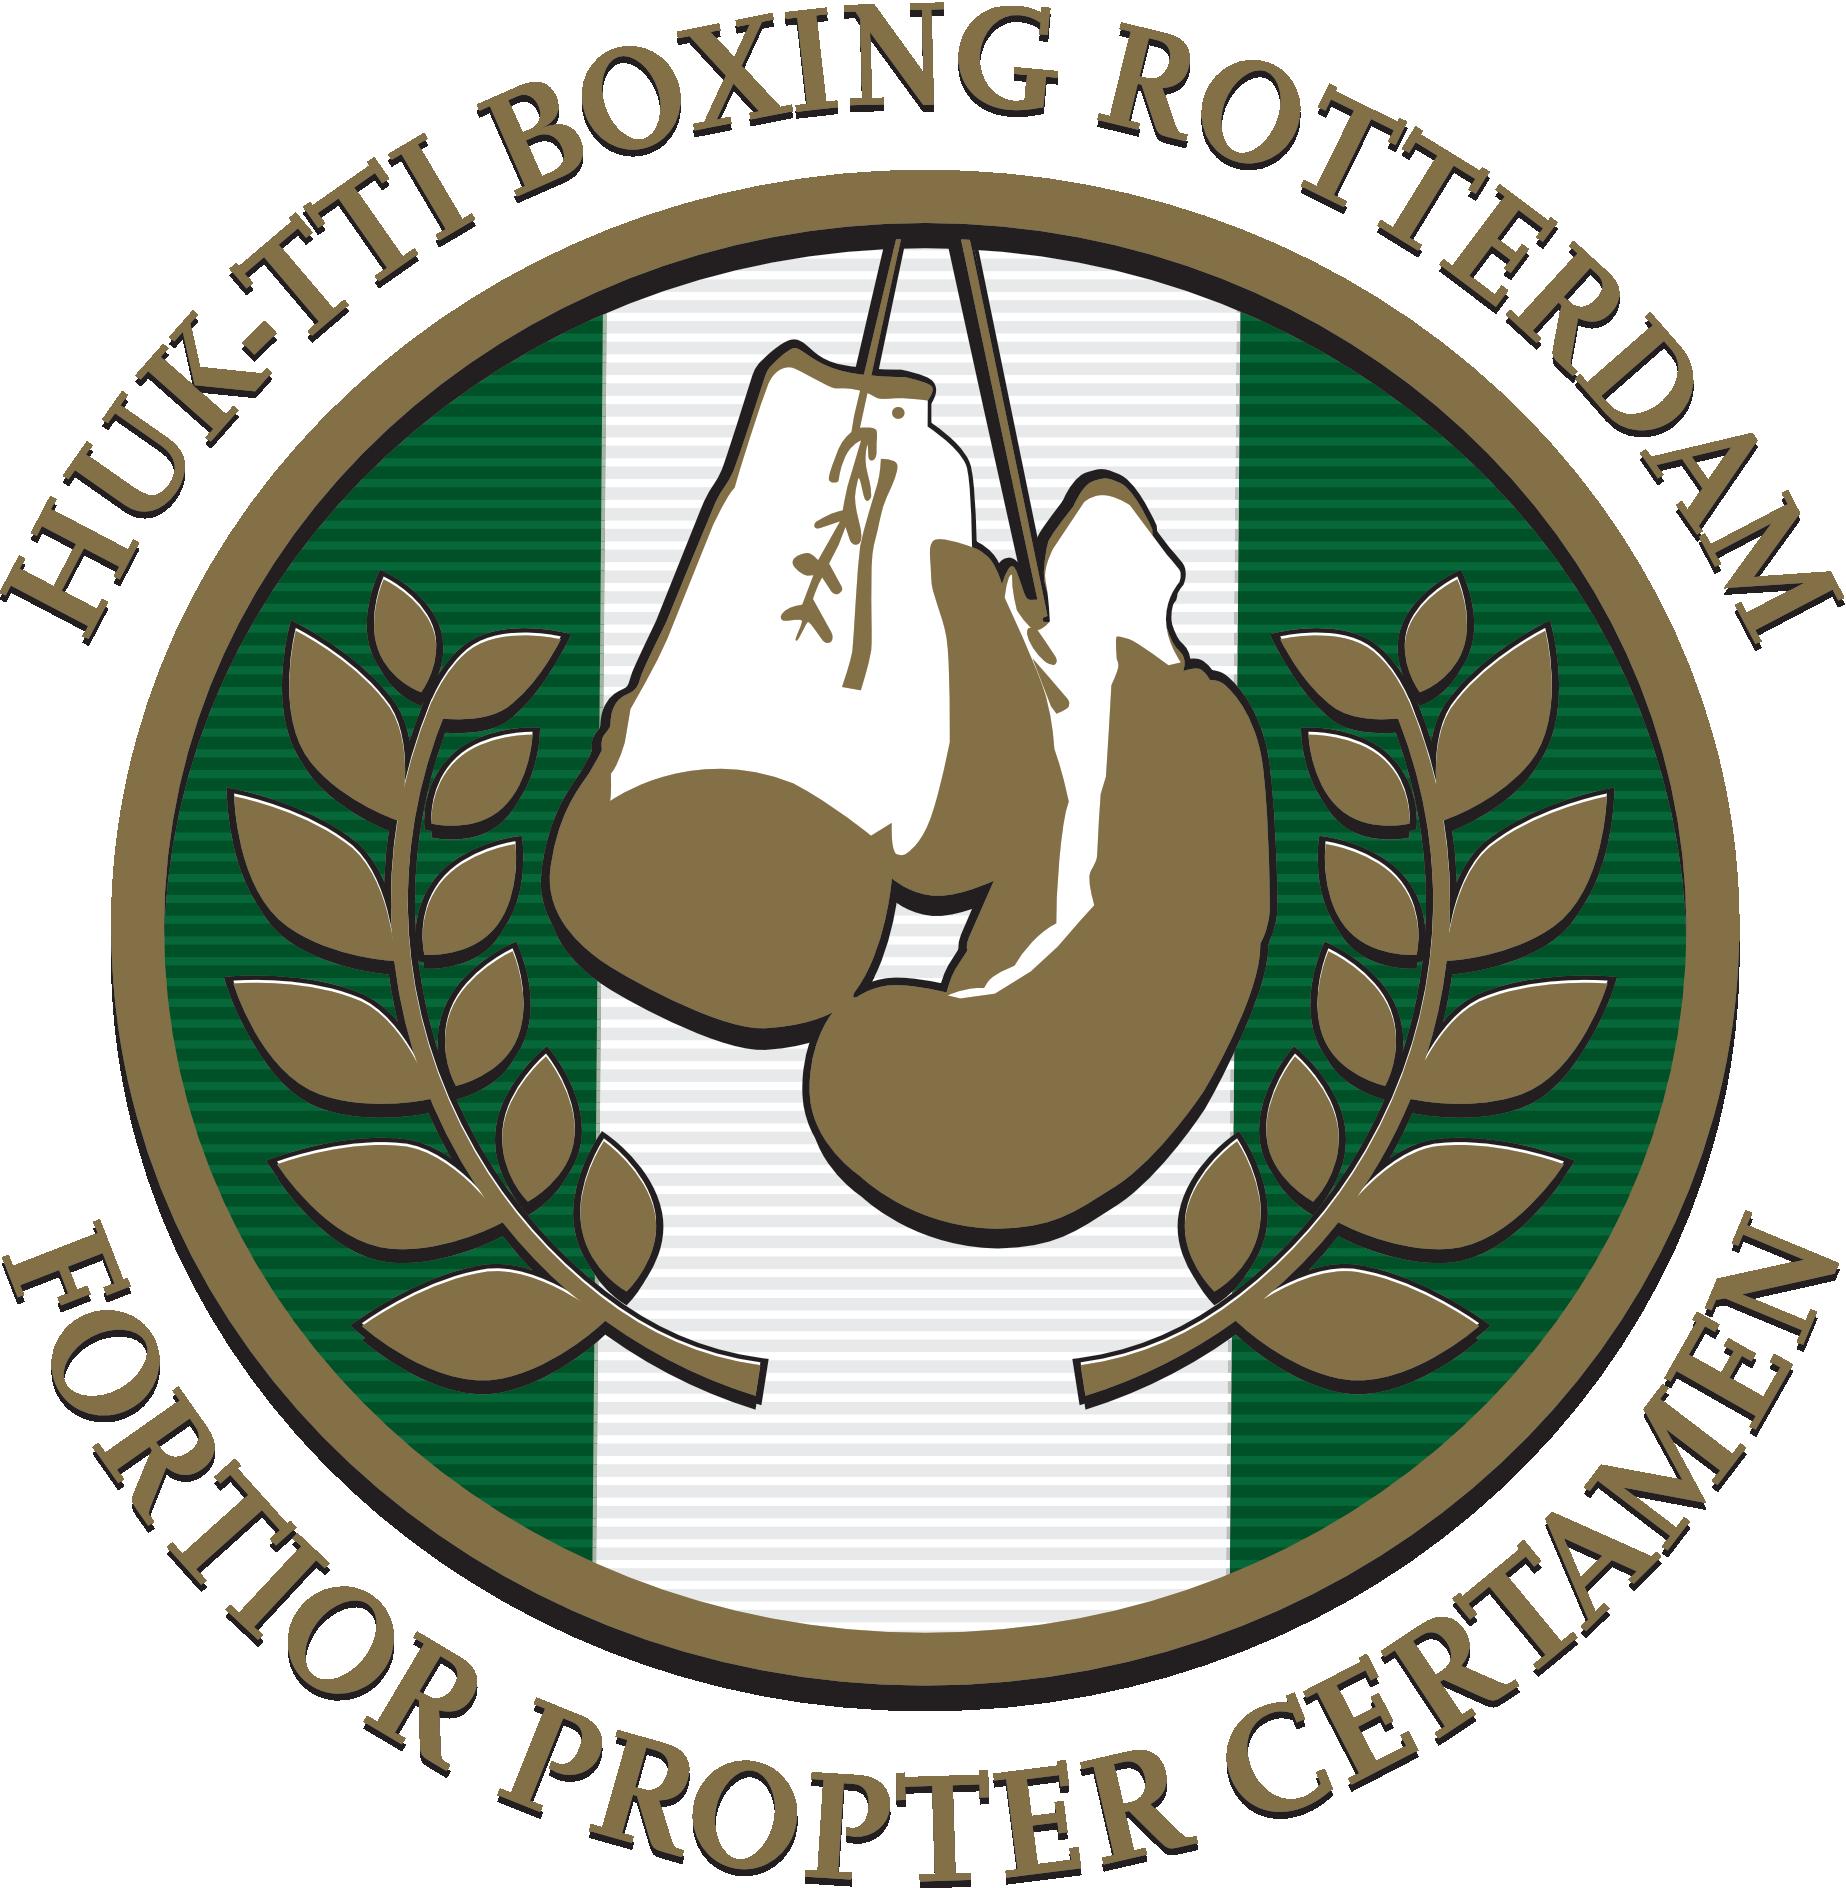 Huk-Tti Boxing Rotterdam